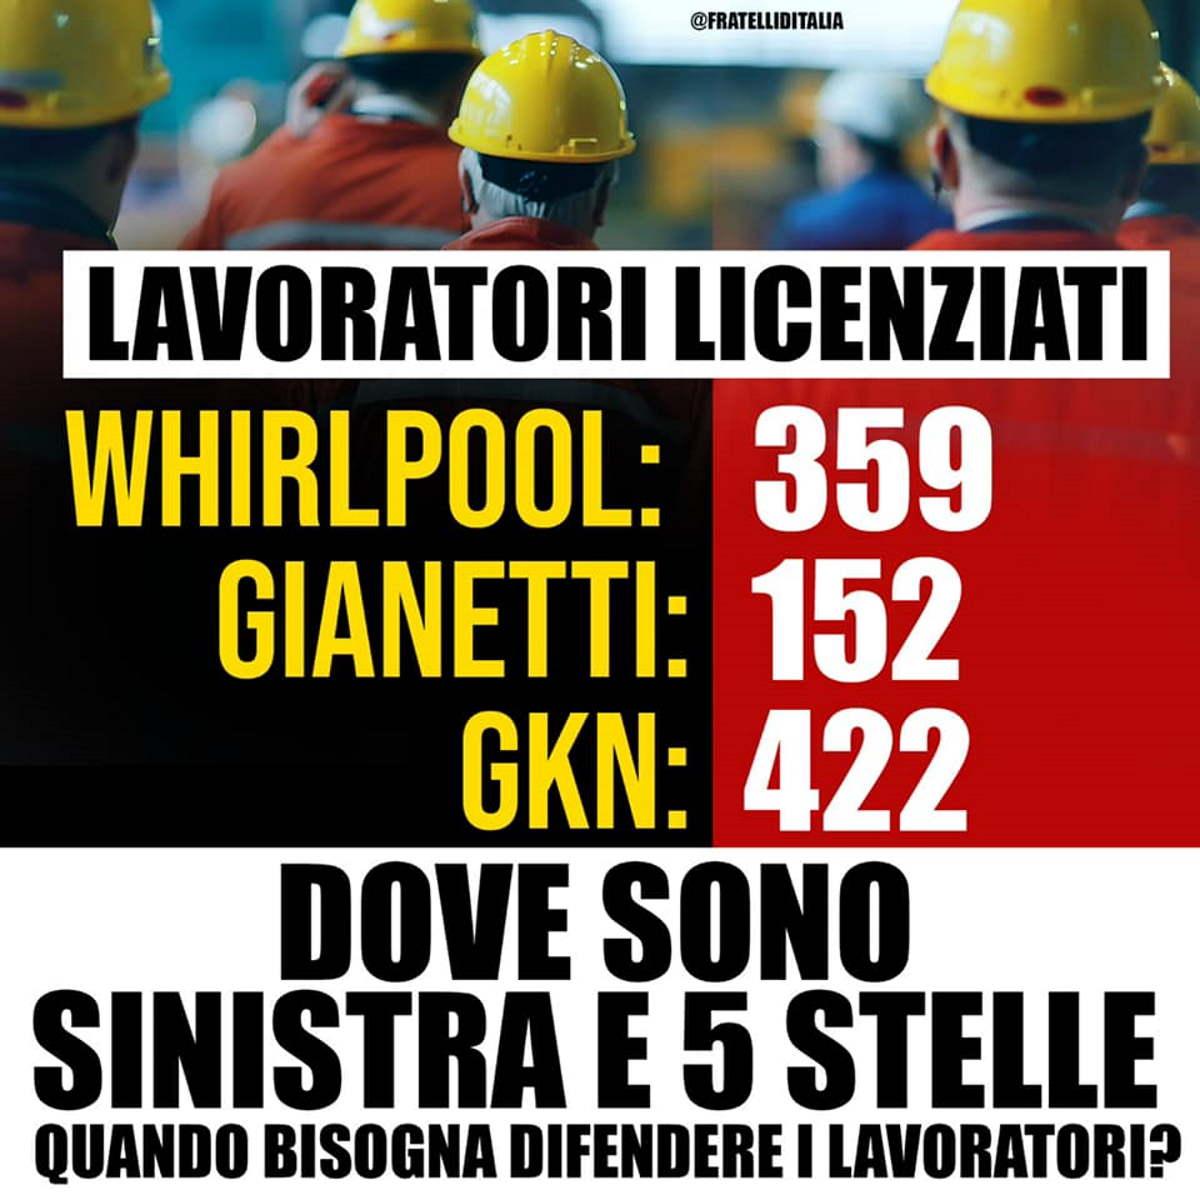 Una vera e propria provocazione la difesa dei lavoratori italiani da parte di Giorgia Meloni